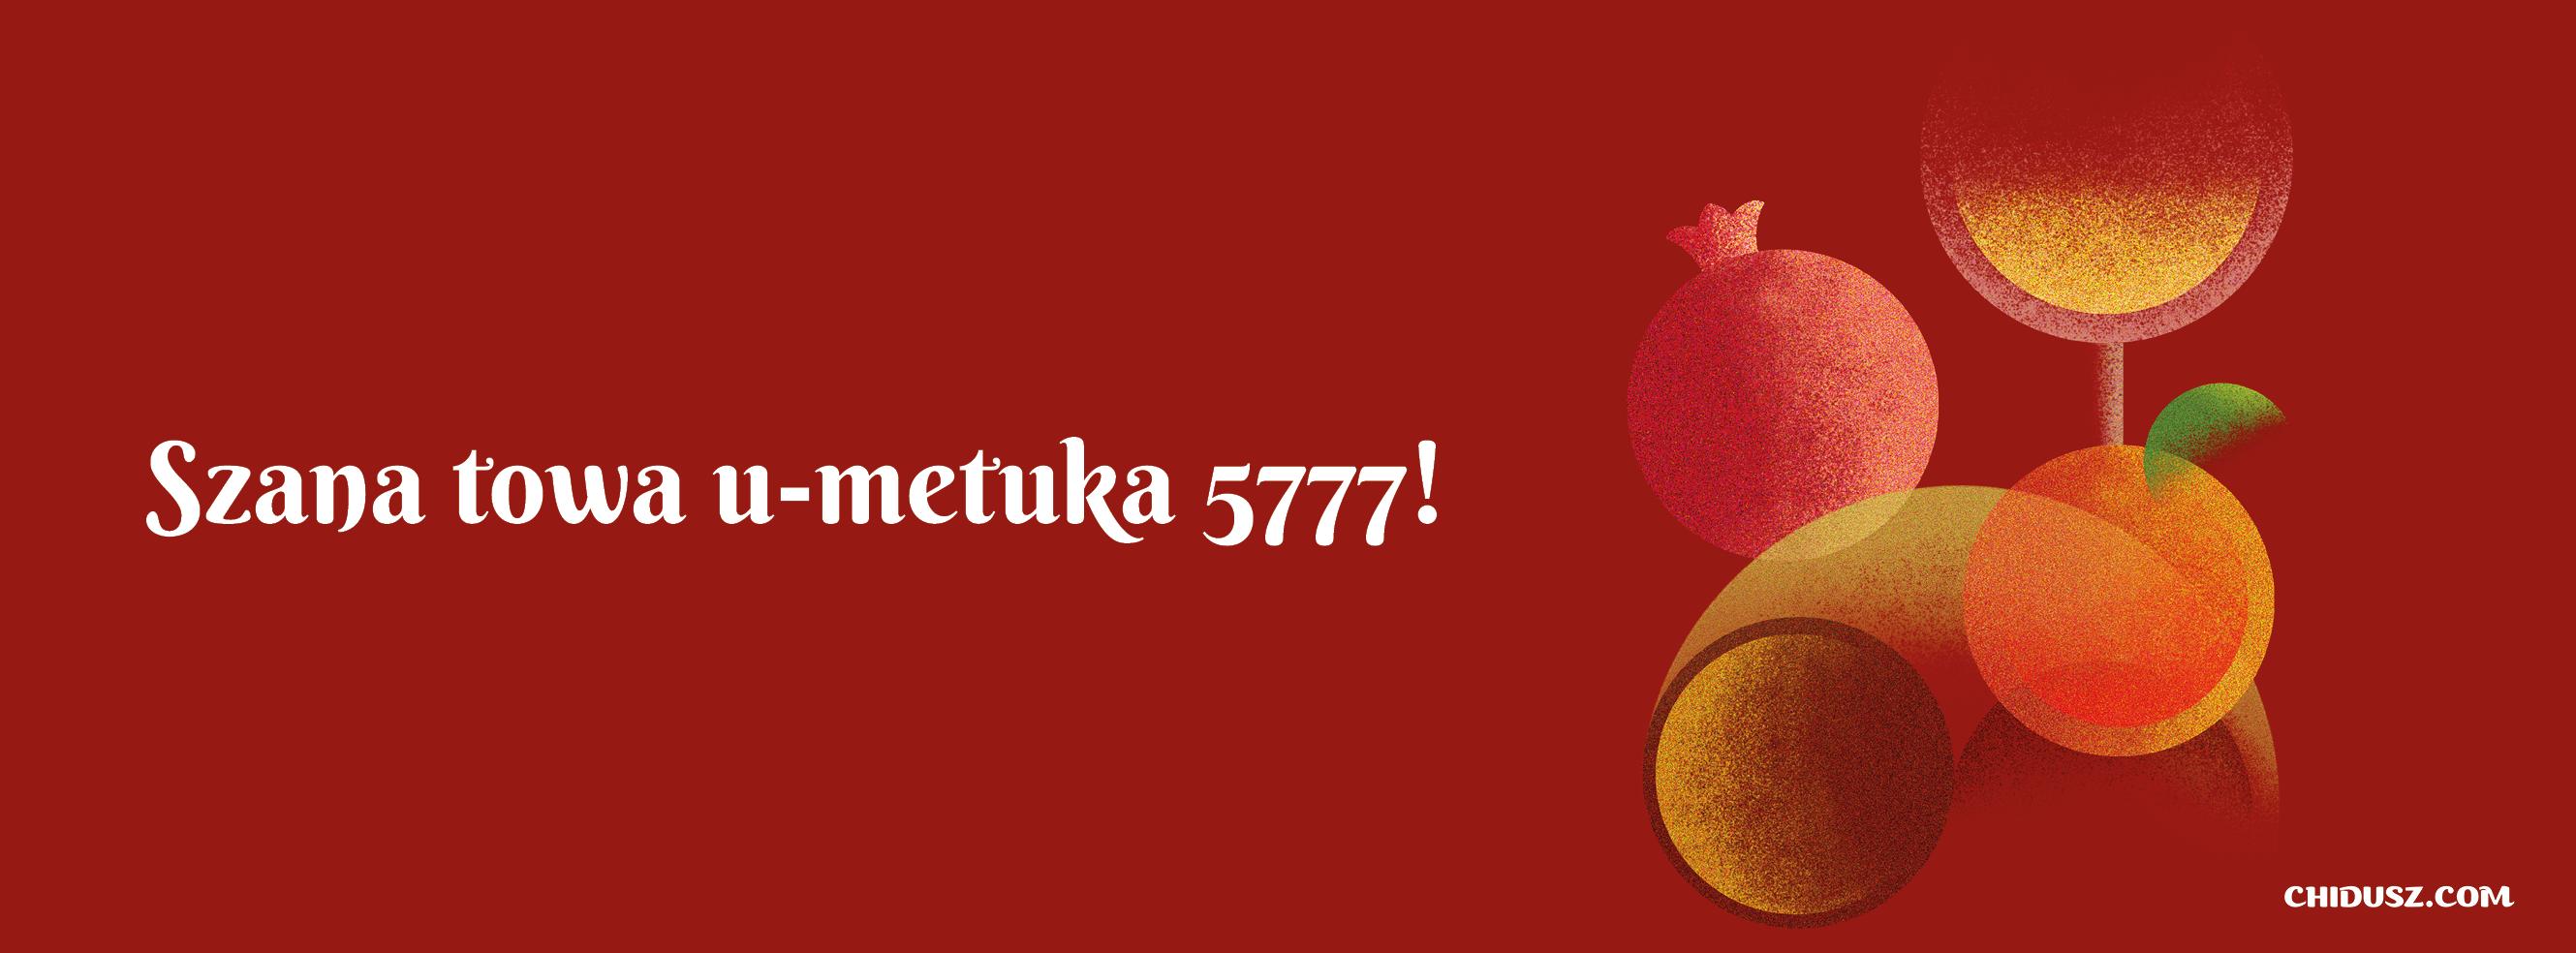 Szana towa u-metuka! Słodkiego i dobrego 5777 roku!